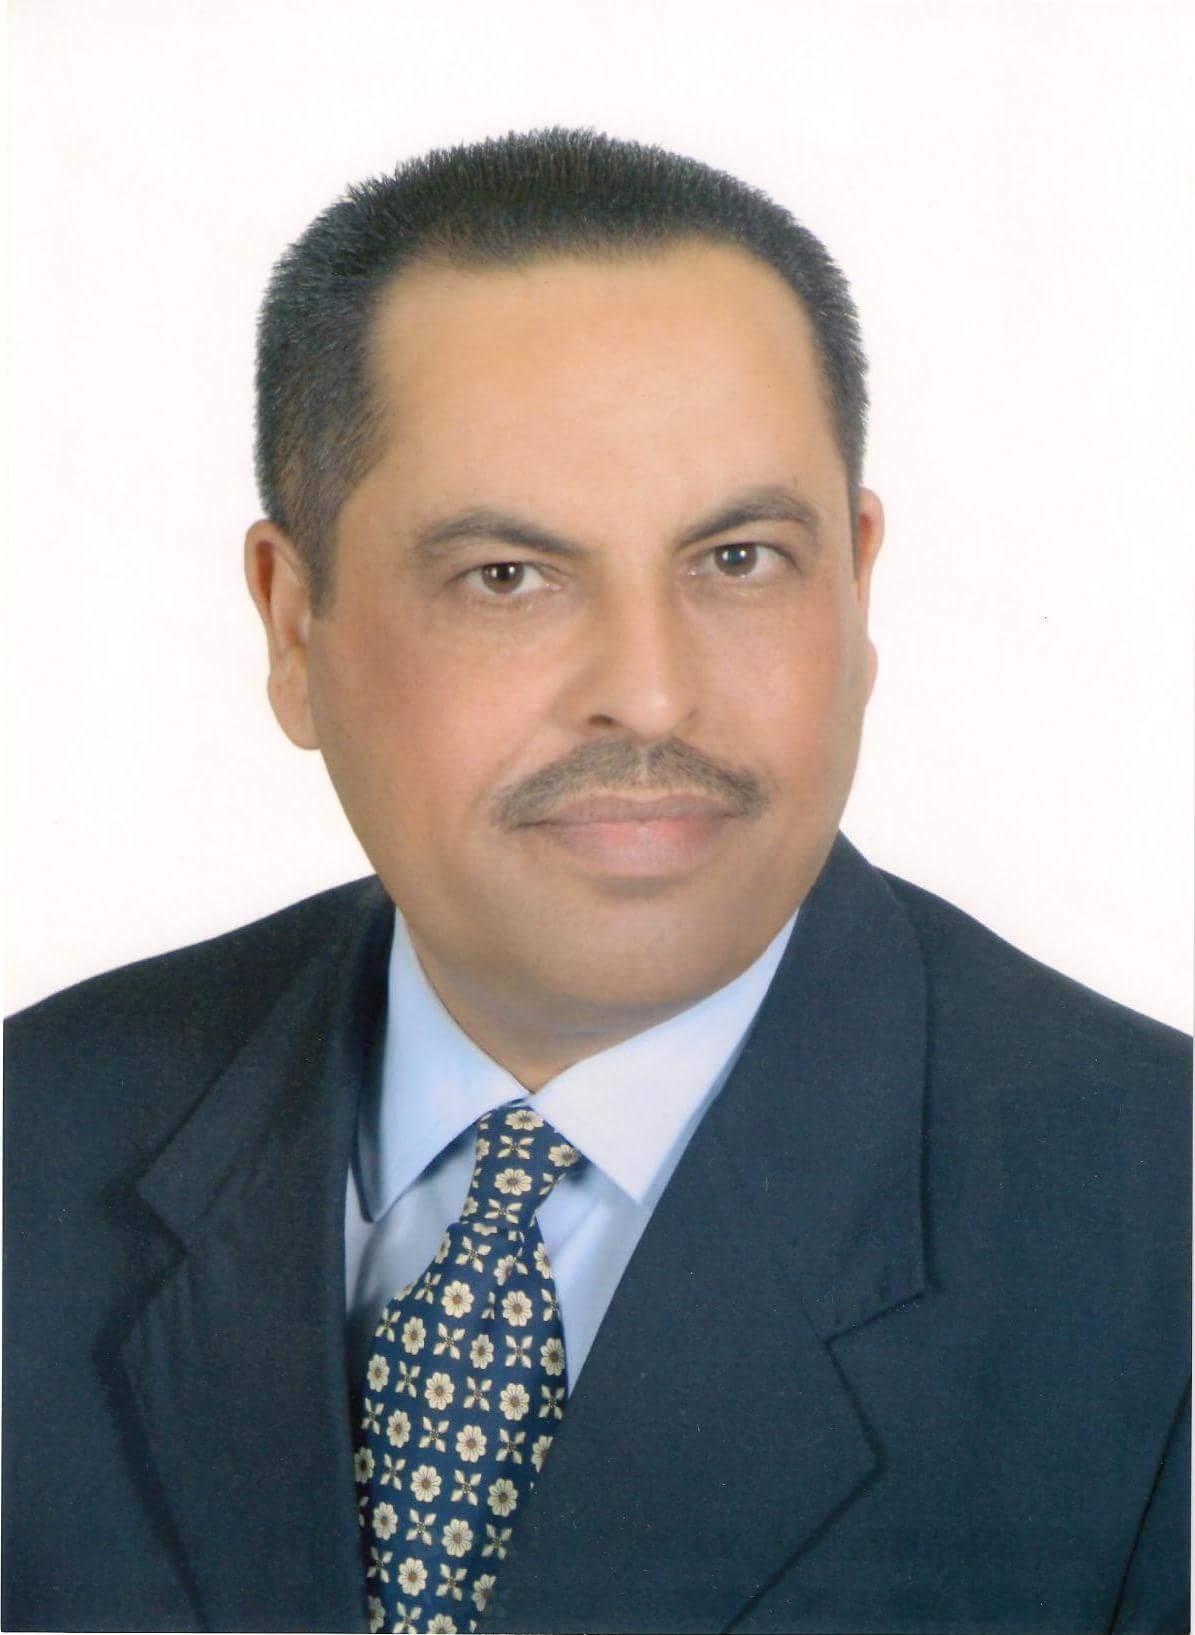 """مبارك ل""""خلف لافي الحماد"""" بمناسبة حصوله على درجه الدكتوراه"""